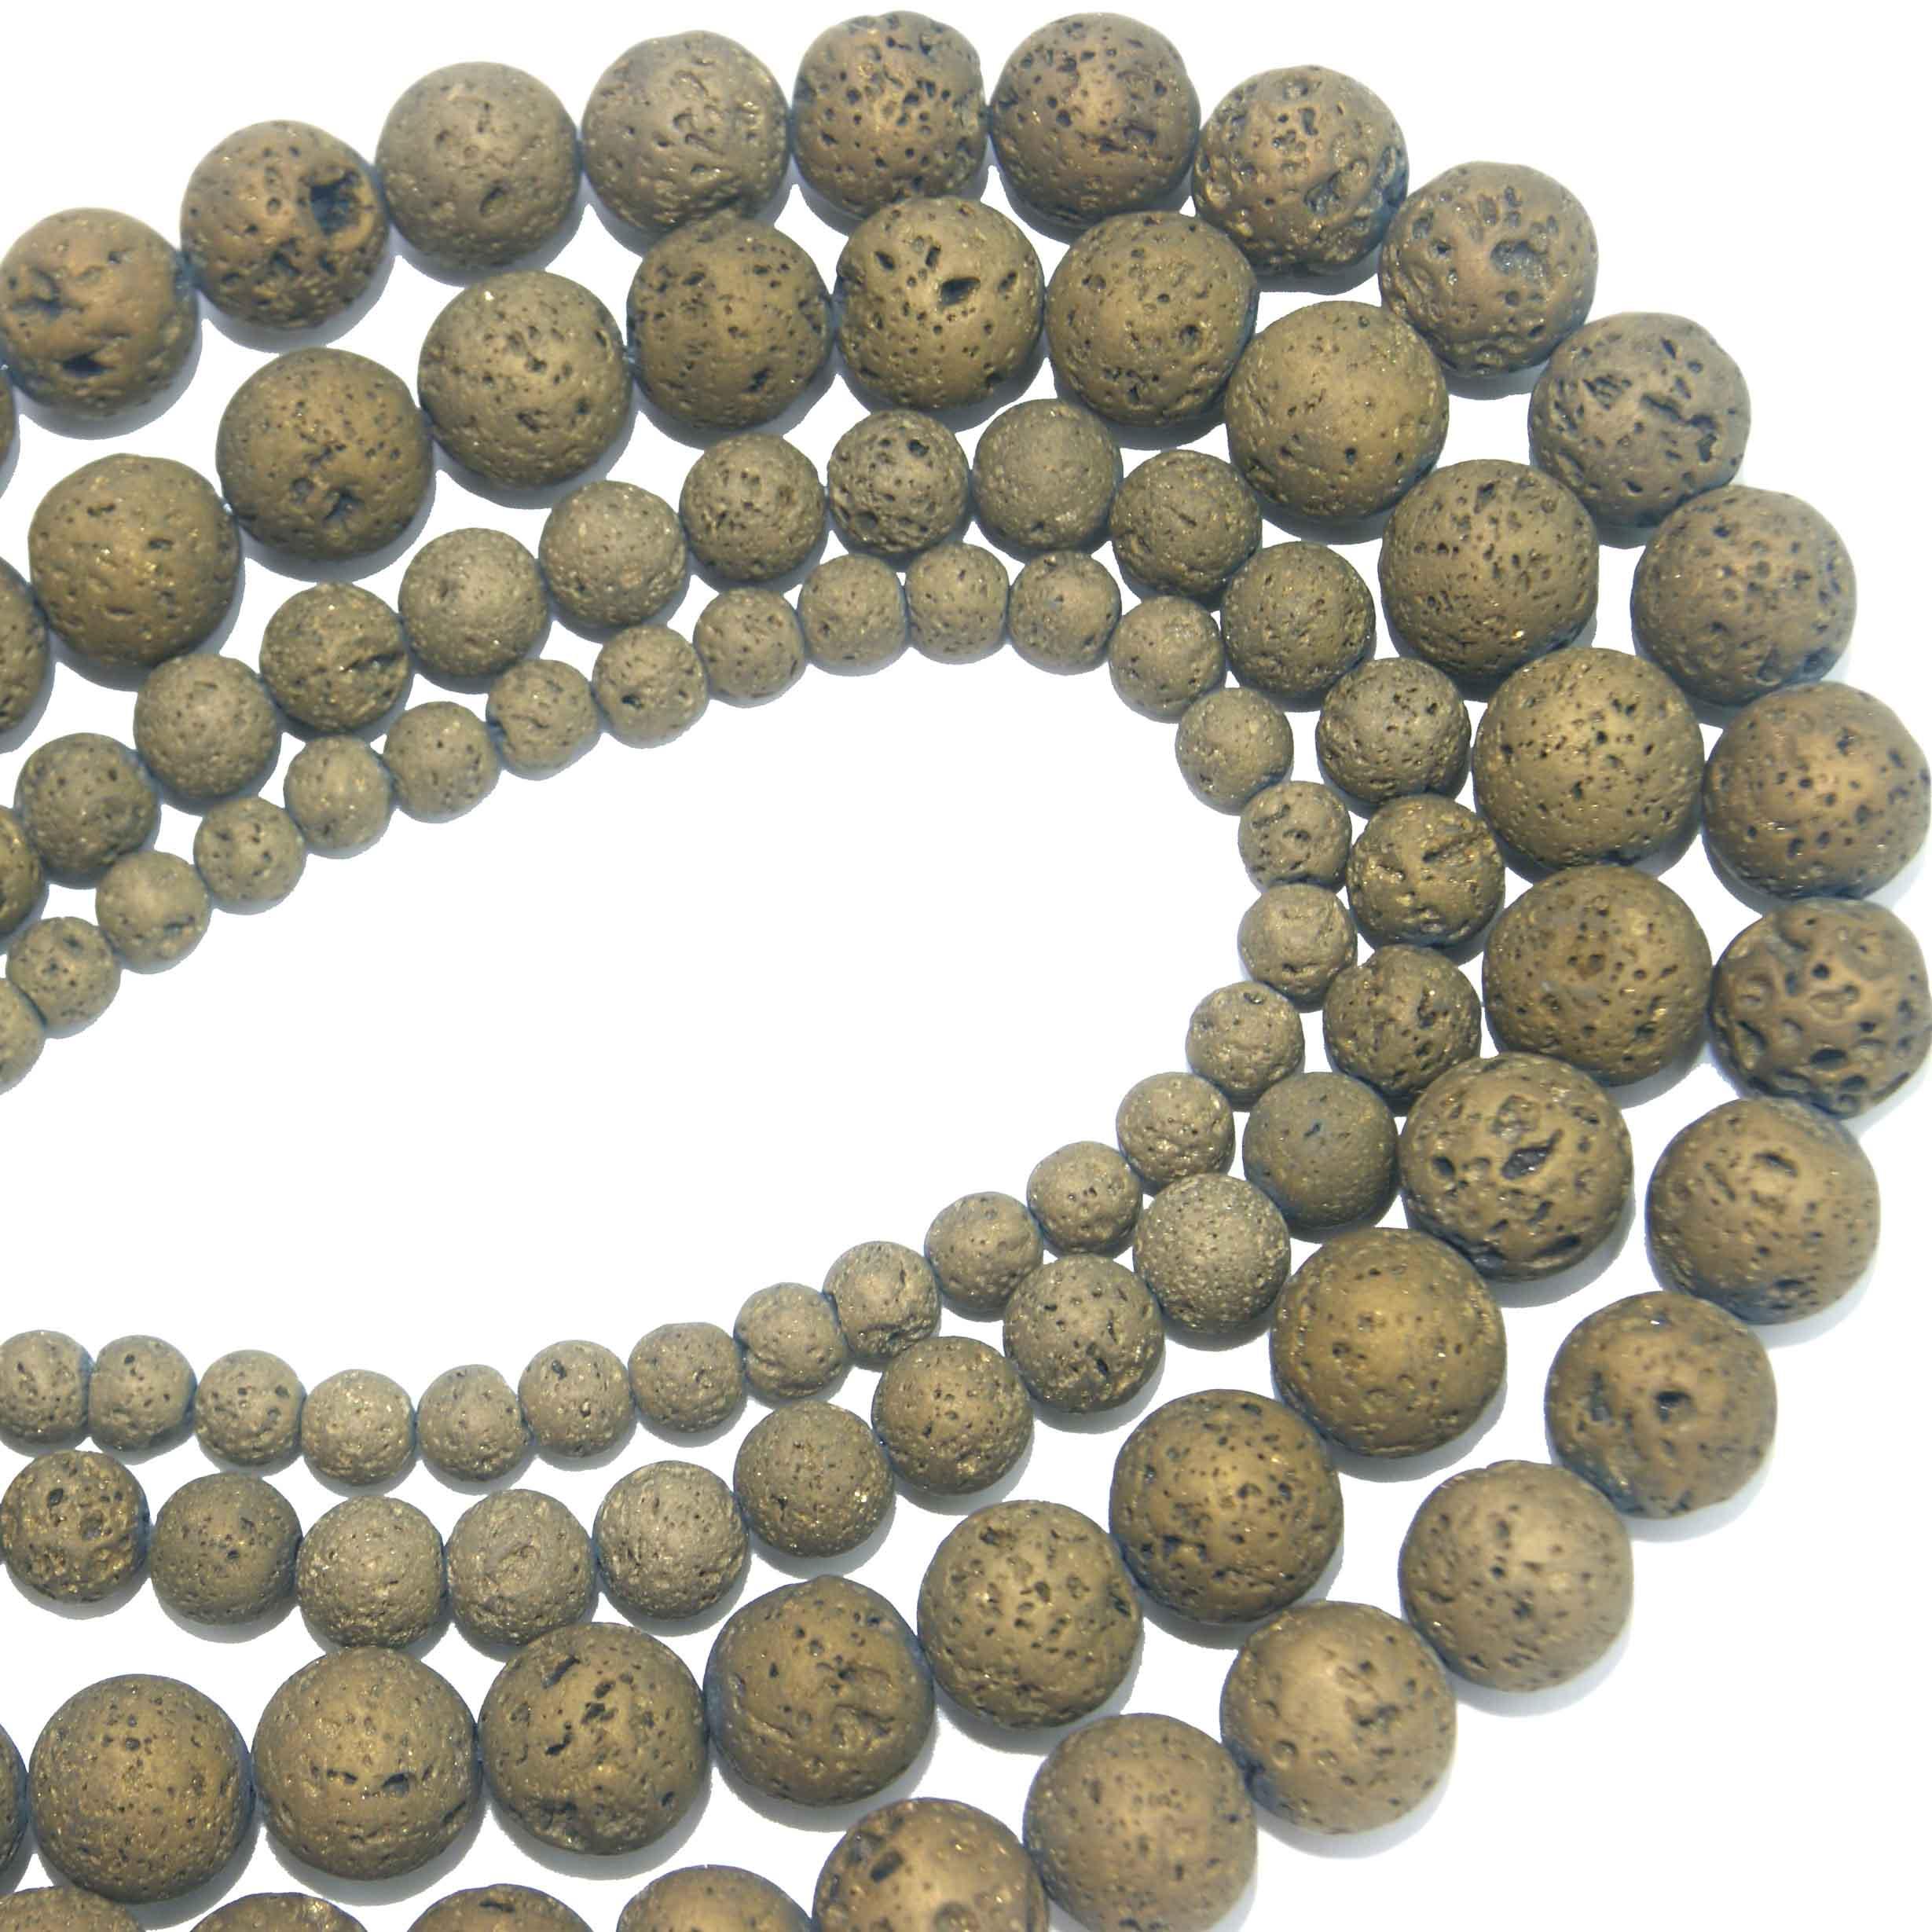 Piedra Natural electrochapada oro piedra de Lava volcánica perlas 6 8 MM 10 MM 12 MM elegir tamaño para fabricación de joyería DIY collar de pulsera